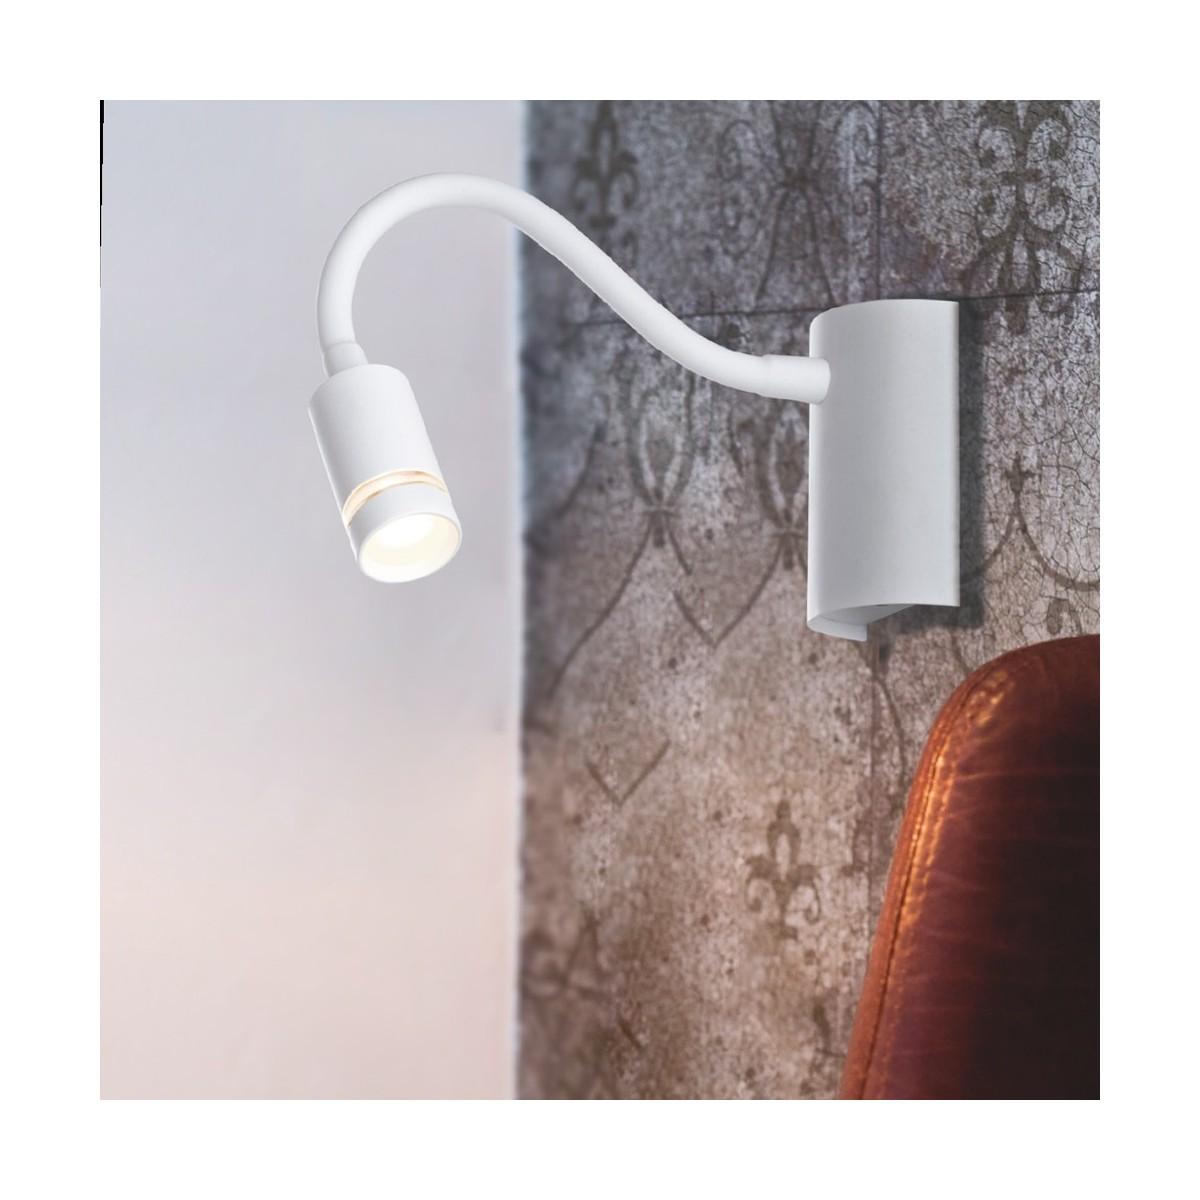 LED-KEPLER-BCO - Lampe de lecture flexible en silicone blanc moderne Lampe LED moderne 3 watts Lumière chaude